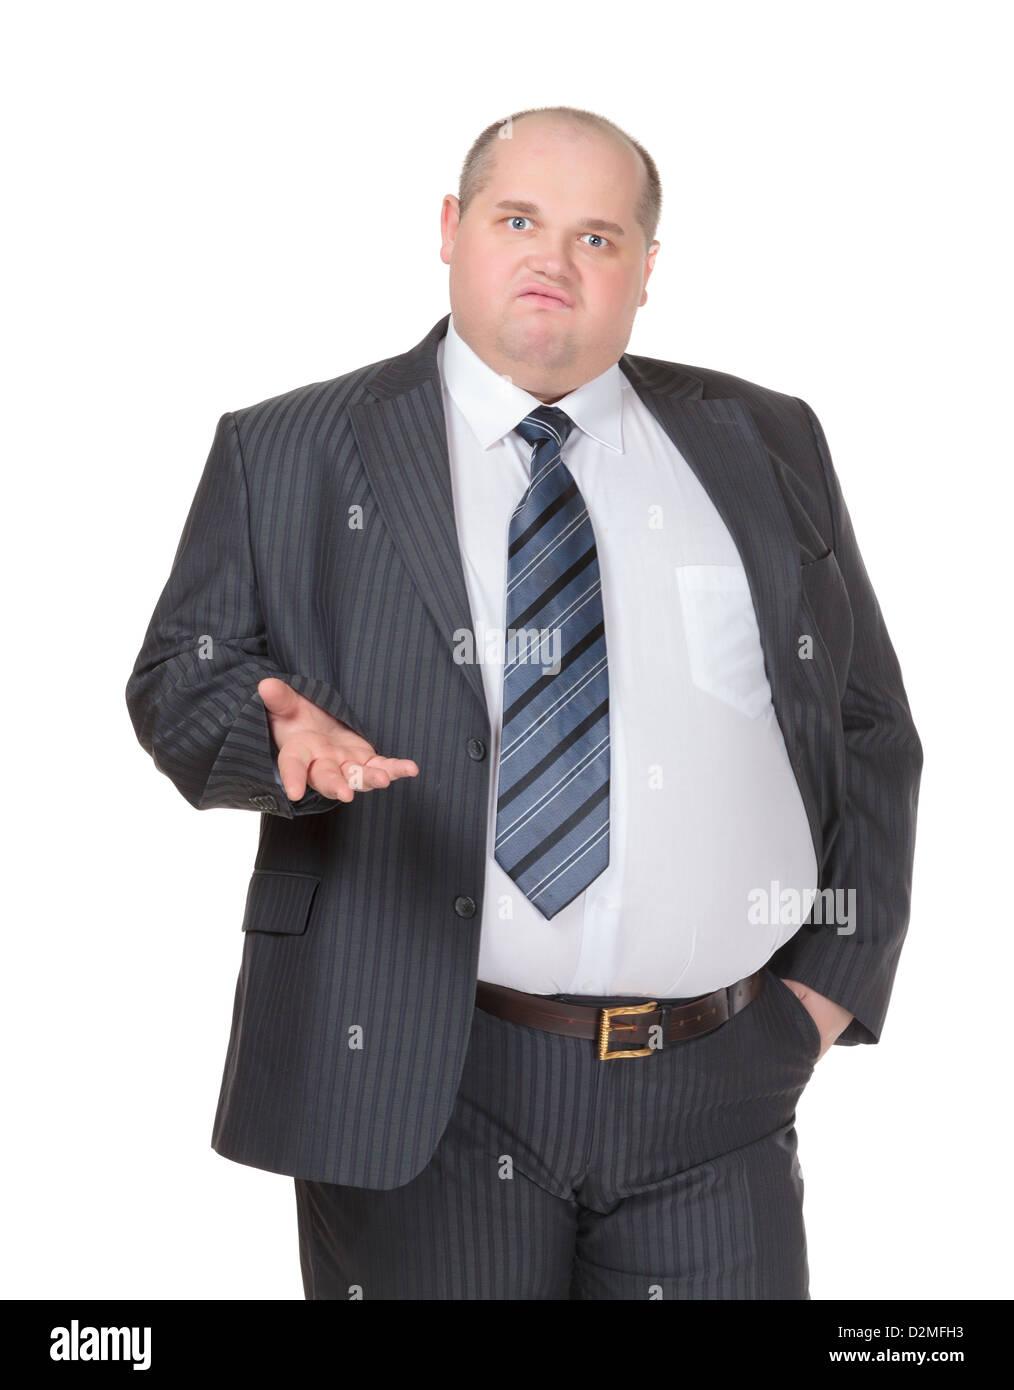 Empresario obesos en un traje y corbata de pie frente a la cámara haciendo un punto Imagen De Stock